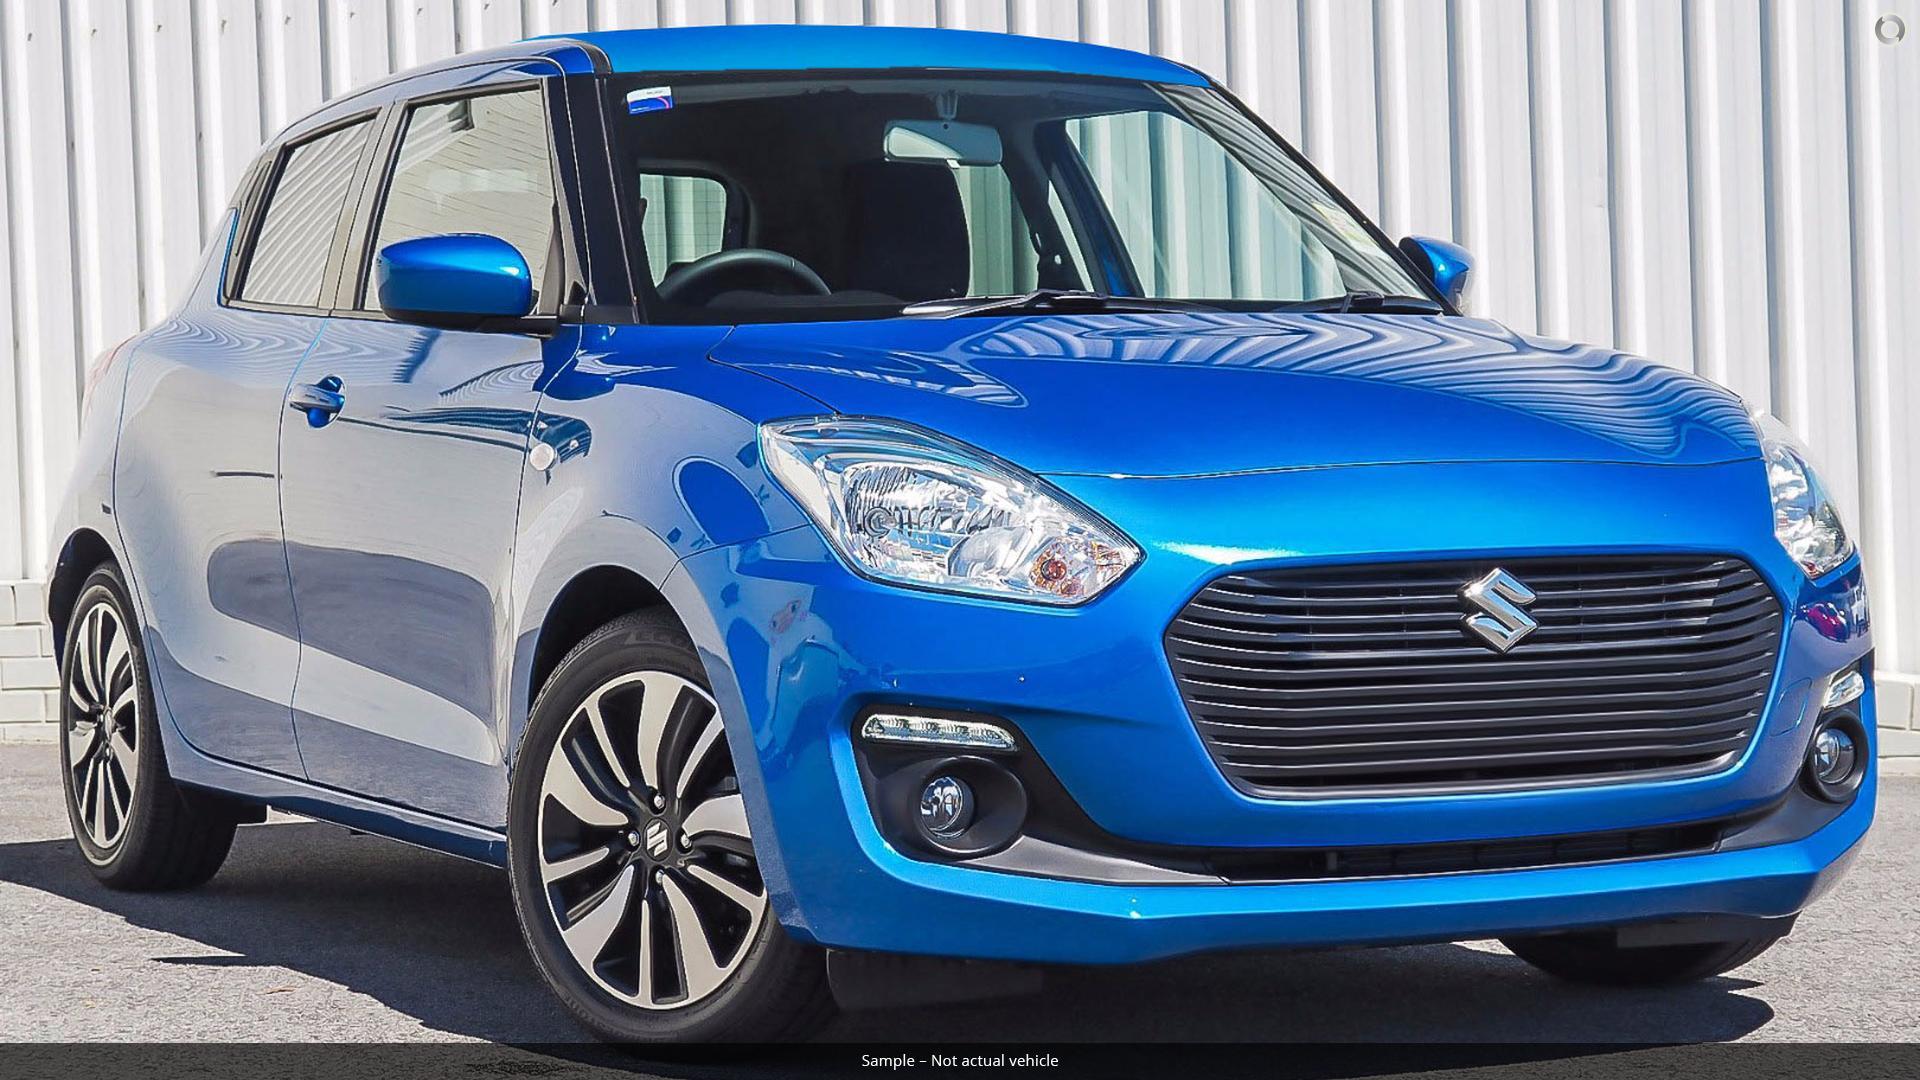 2019 Suzuki Swift AZ